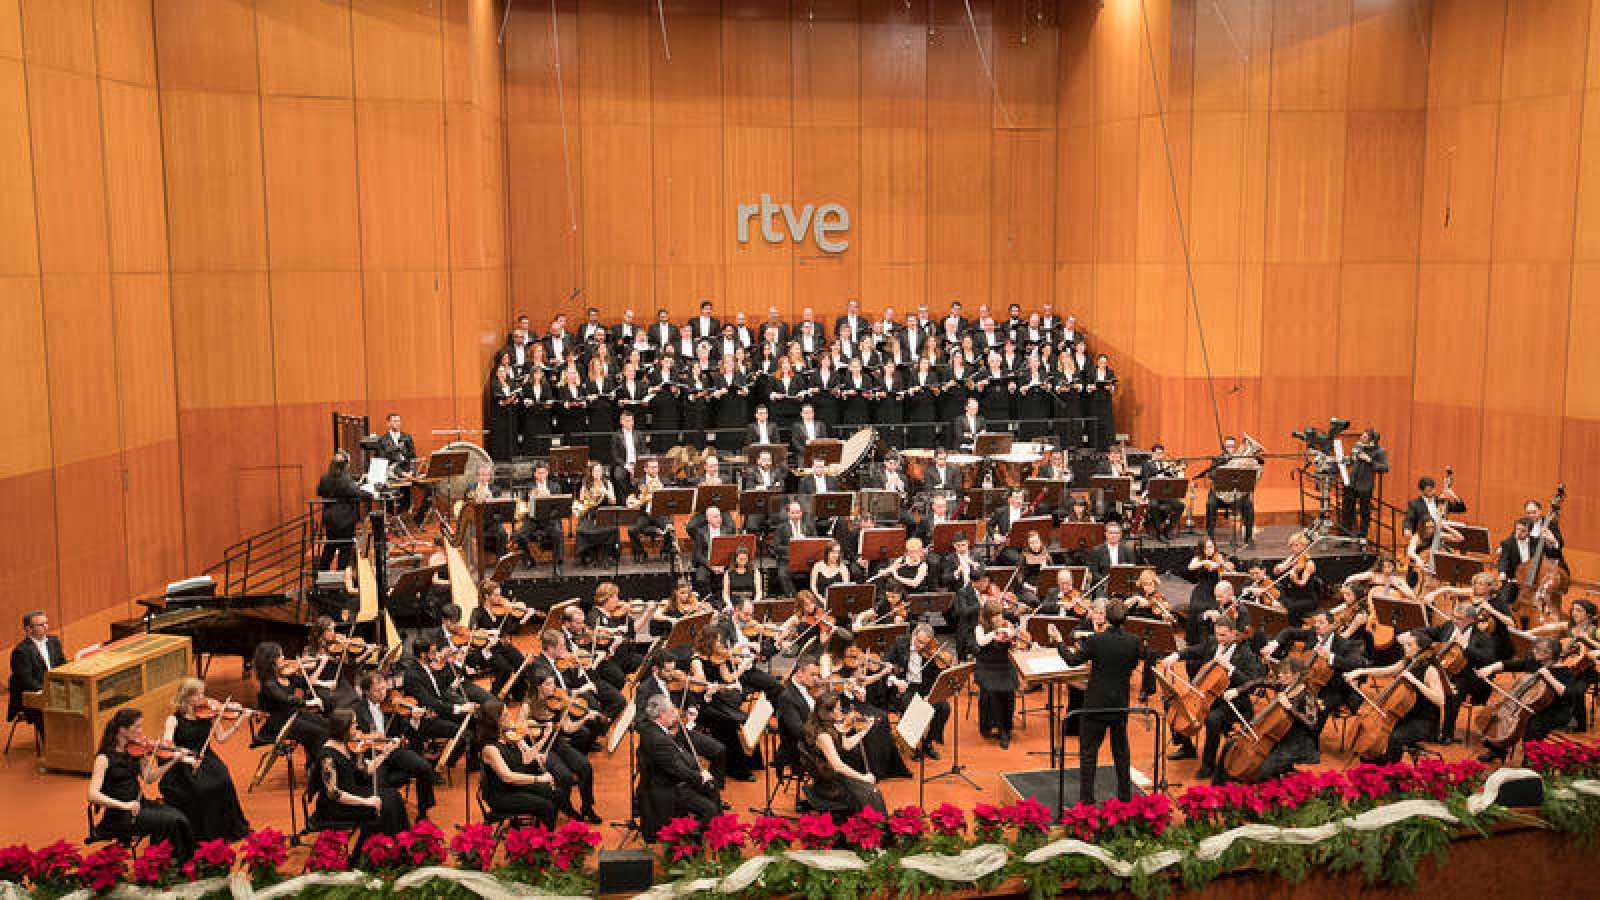 Orquesta Sinfónica y Coro RTVE - RTVE.es